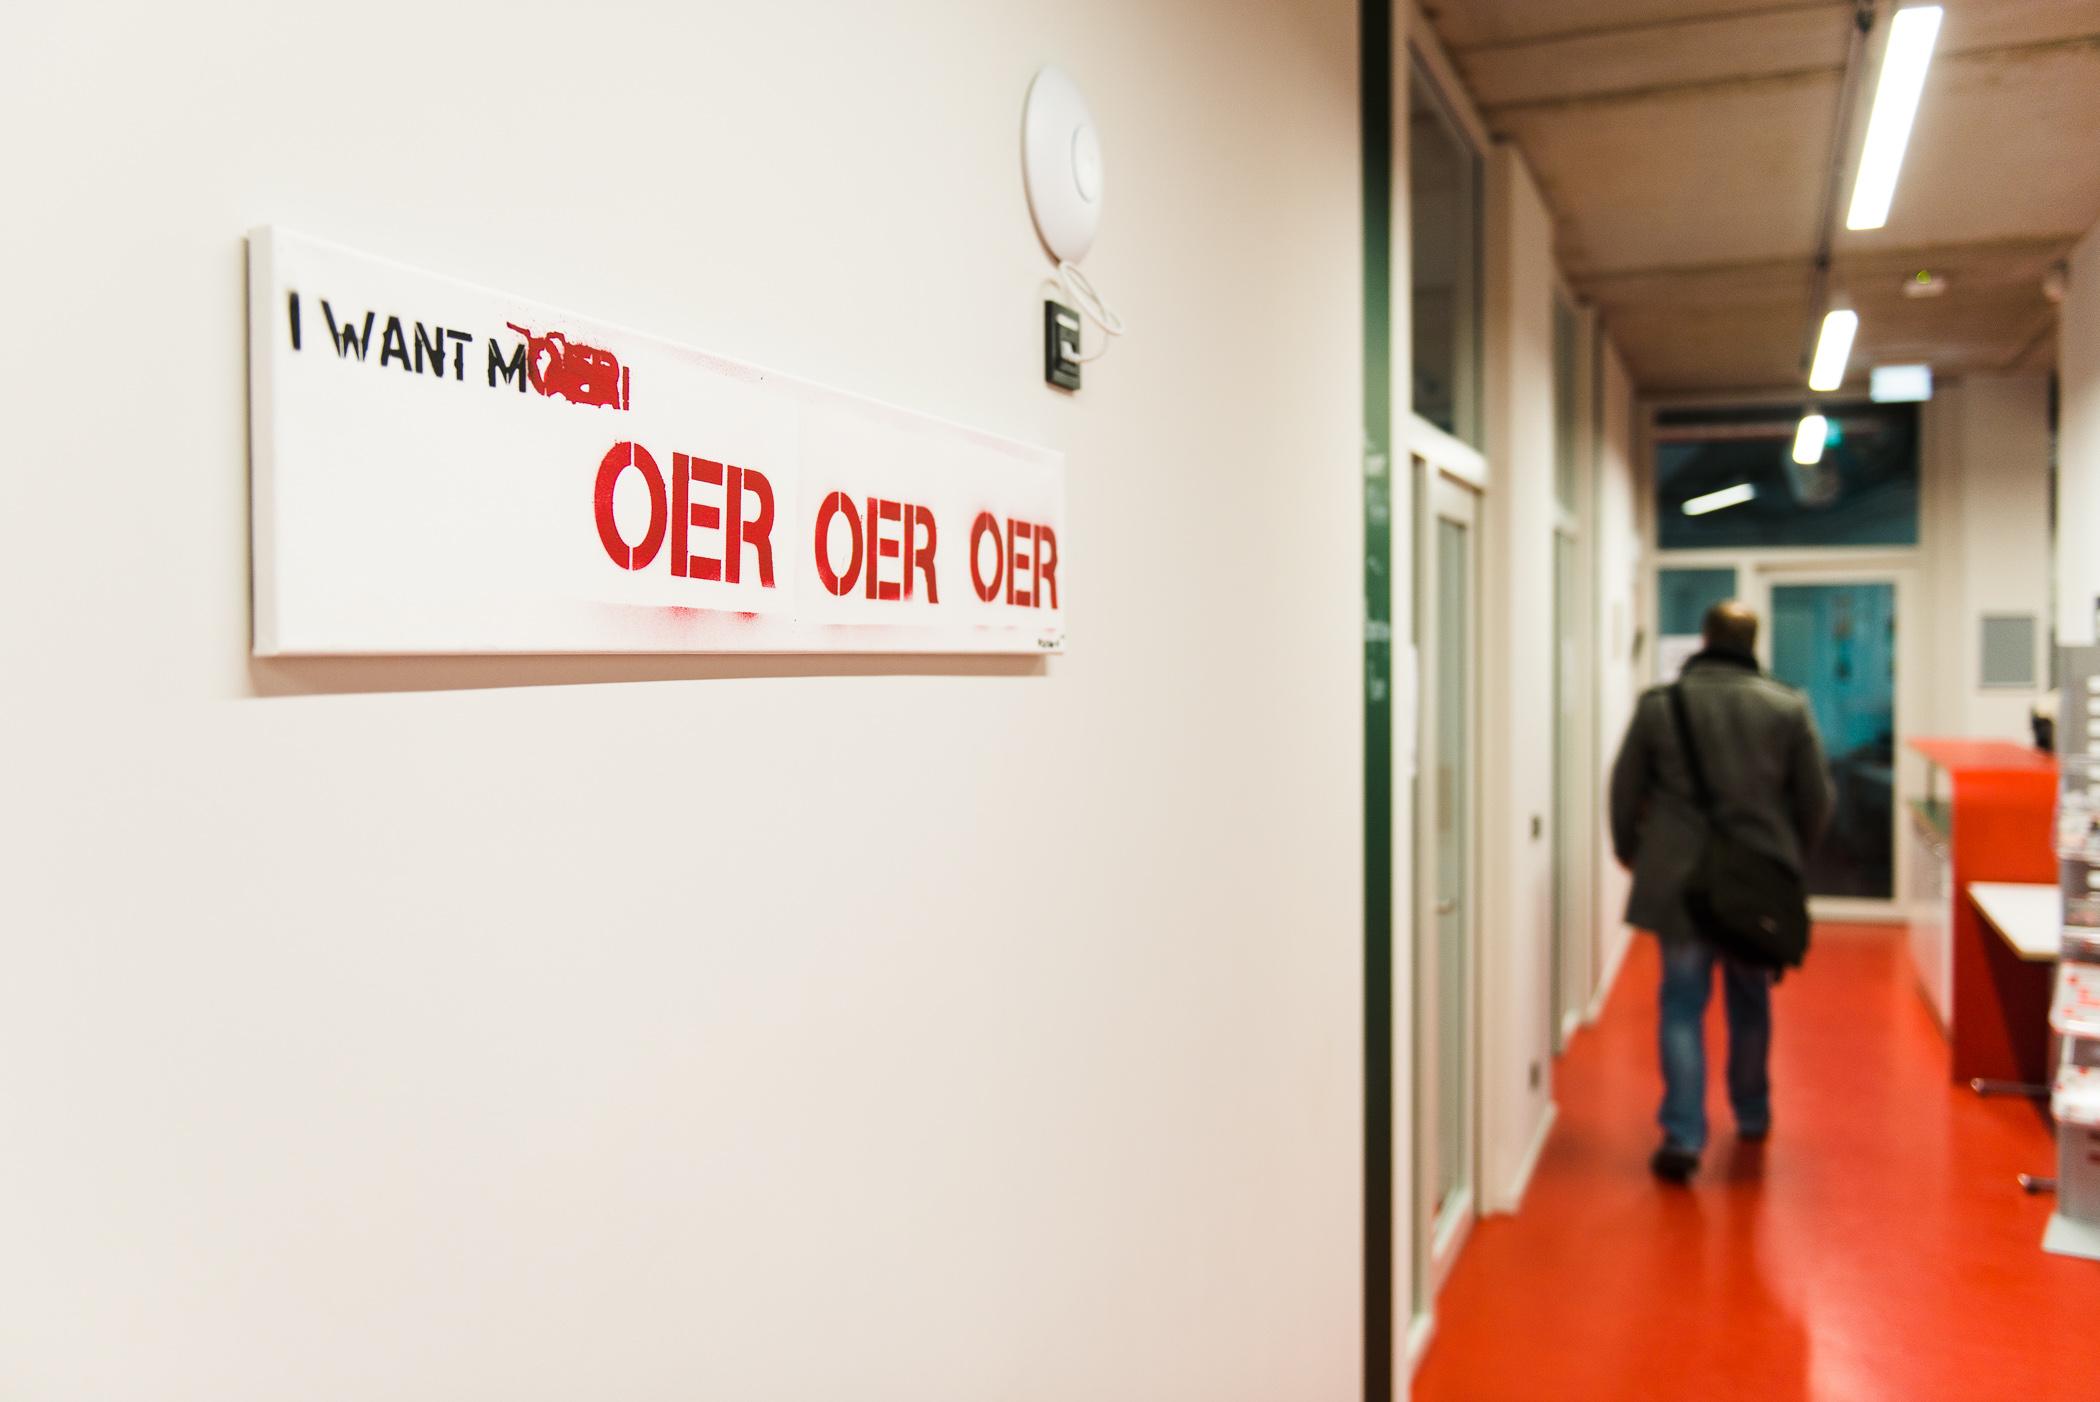 Foto: Tilman Vogler für OERde17, unter der Lizenz CC BY 4.0